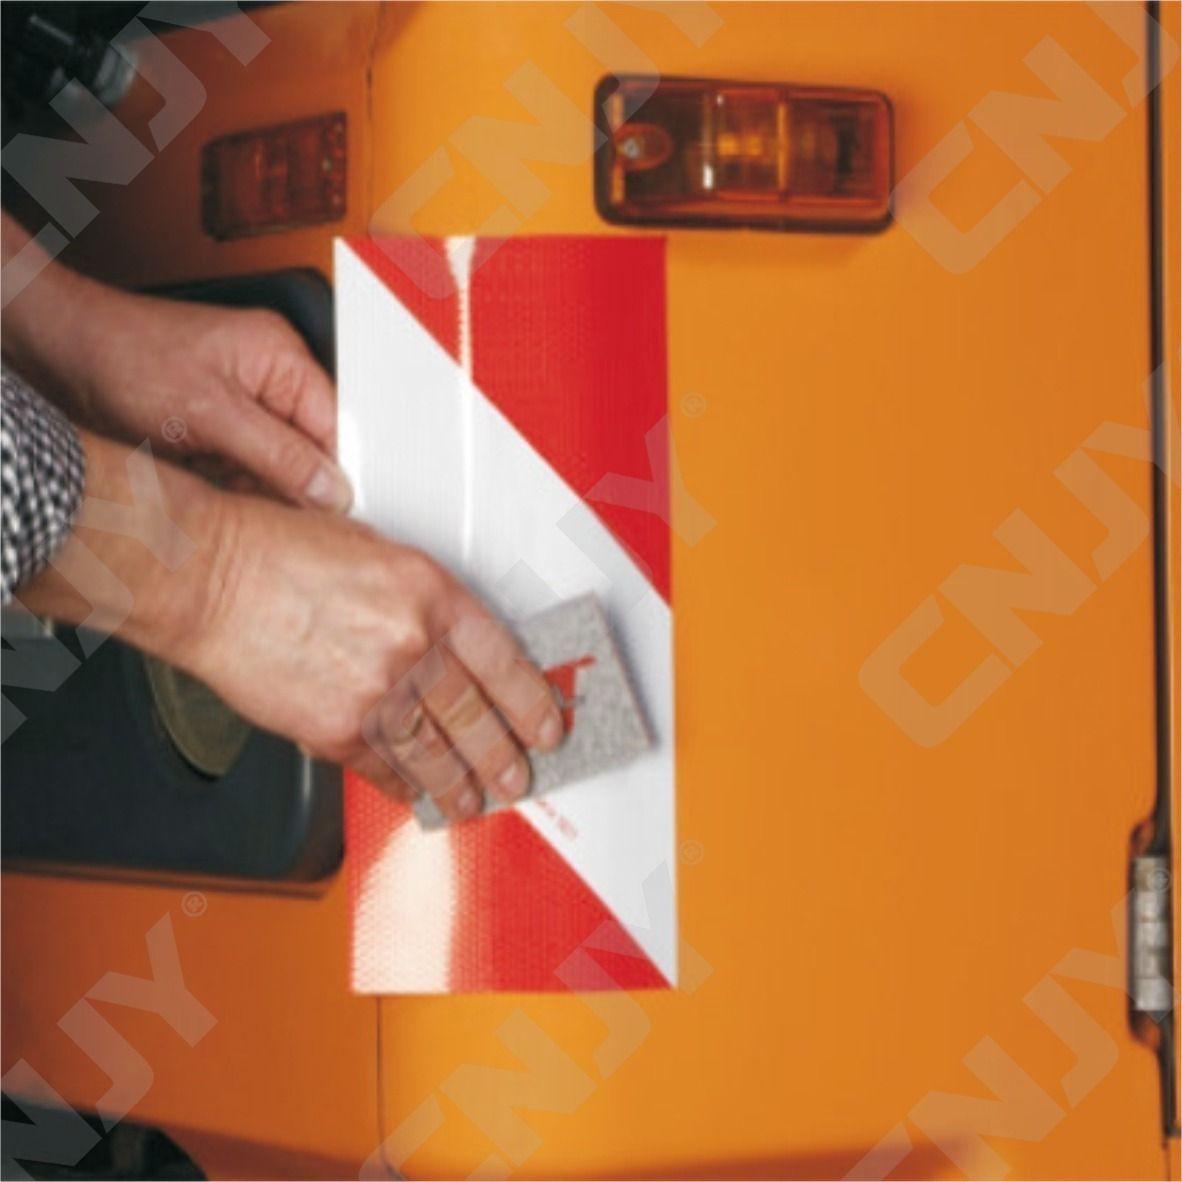 rouleau,bande,de,signalisation,adhesive,marquage,securite,auto,camion,engin,de,chantier,rouge,blanc,oralite